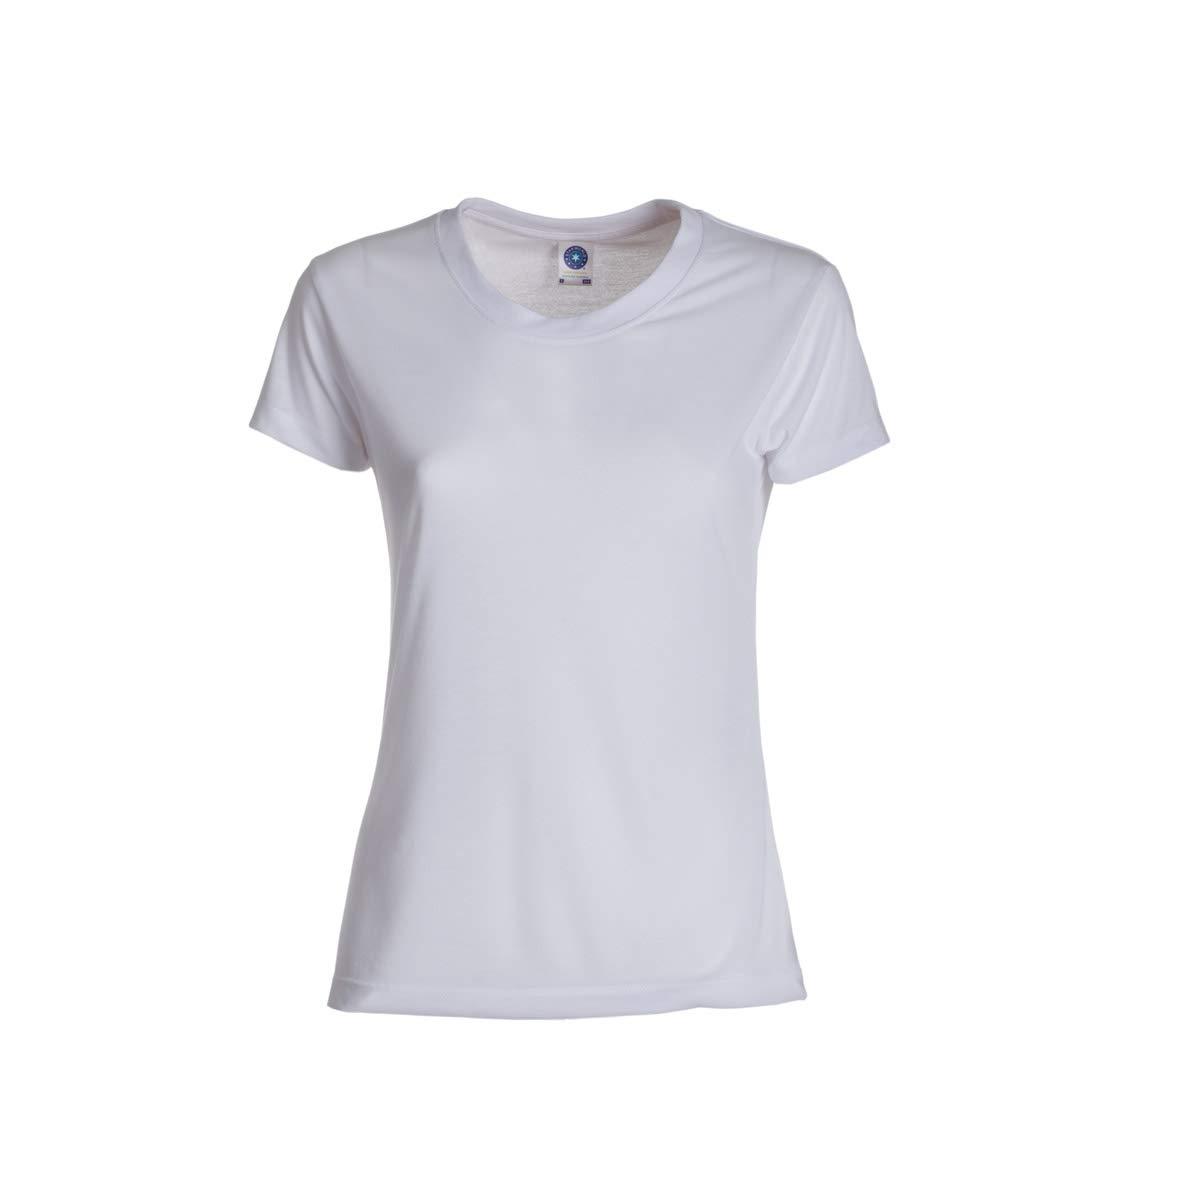 T-Shirt Sportiva Donna Maglia Manica Corta per Running Palestra Starworld SW404 CHEMAGLIETTE